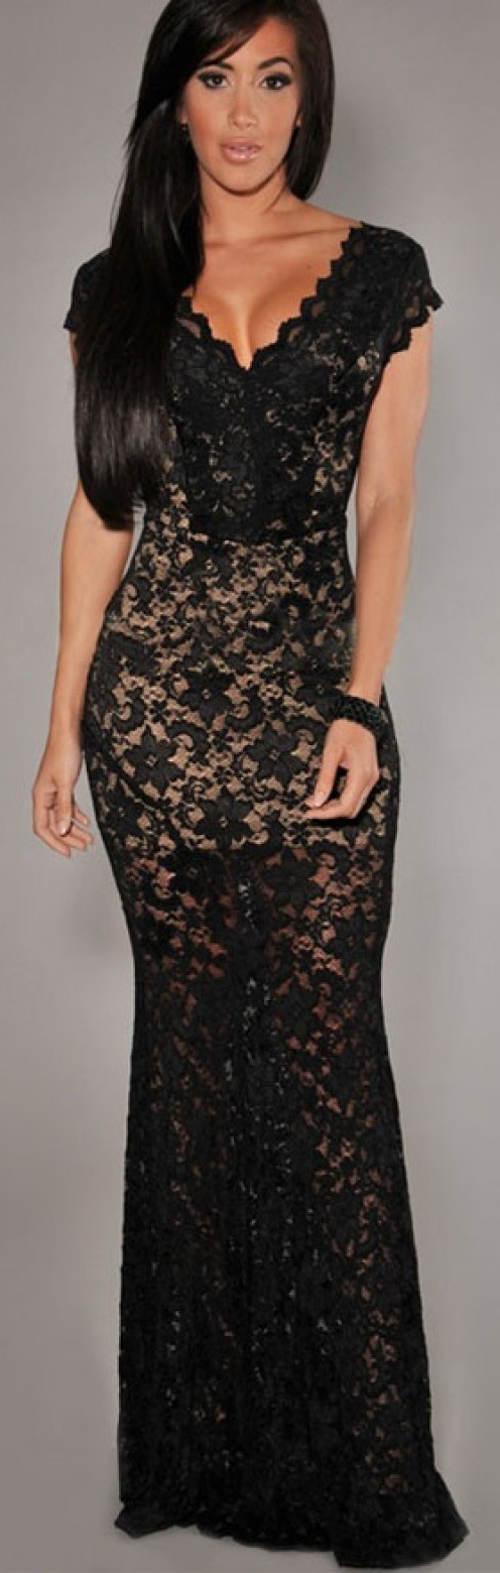 Dlouhé černé celokrajkové plesové šaty